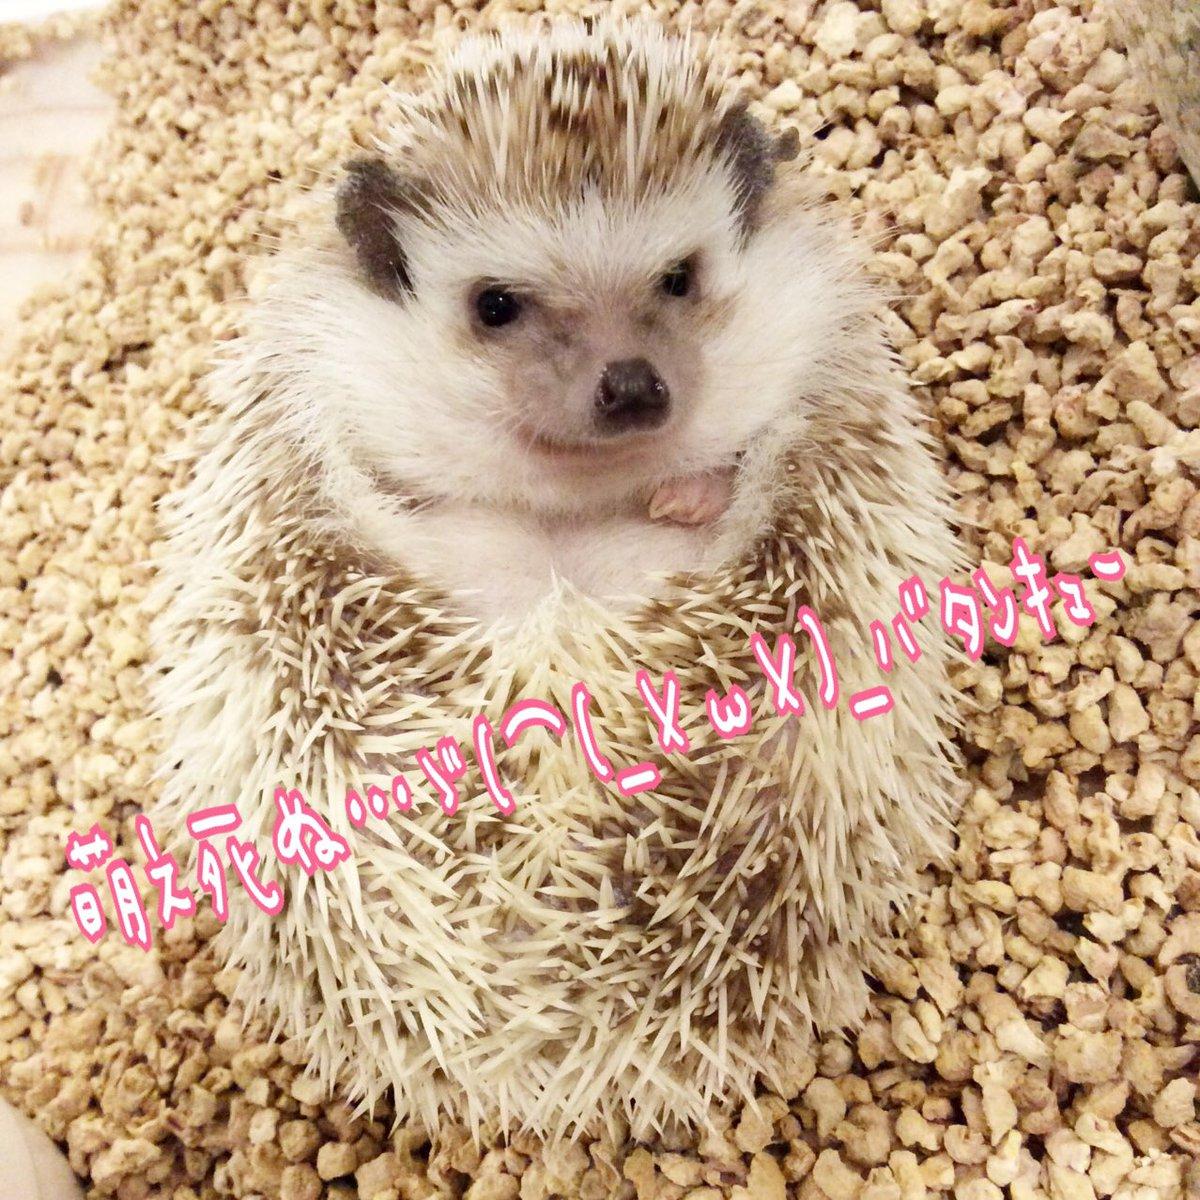 ハリネズミ(hedgehog) 大阪 天満宮